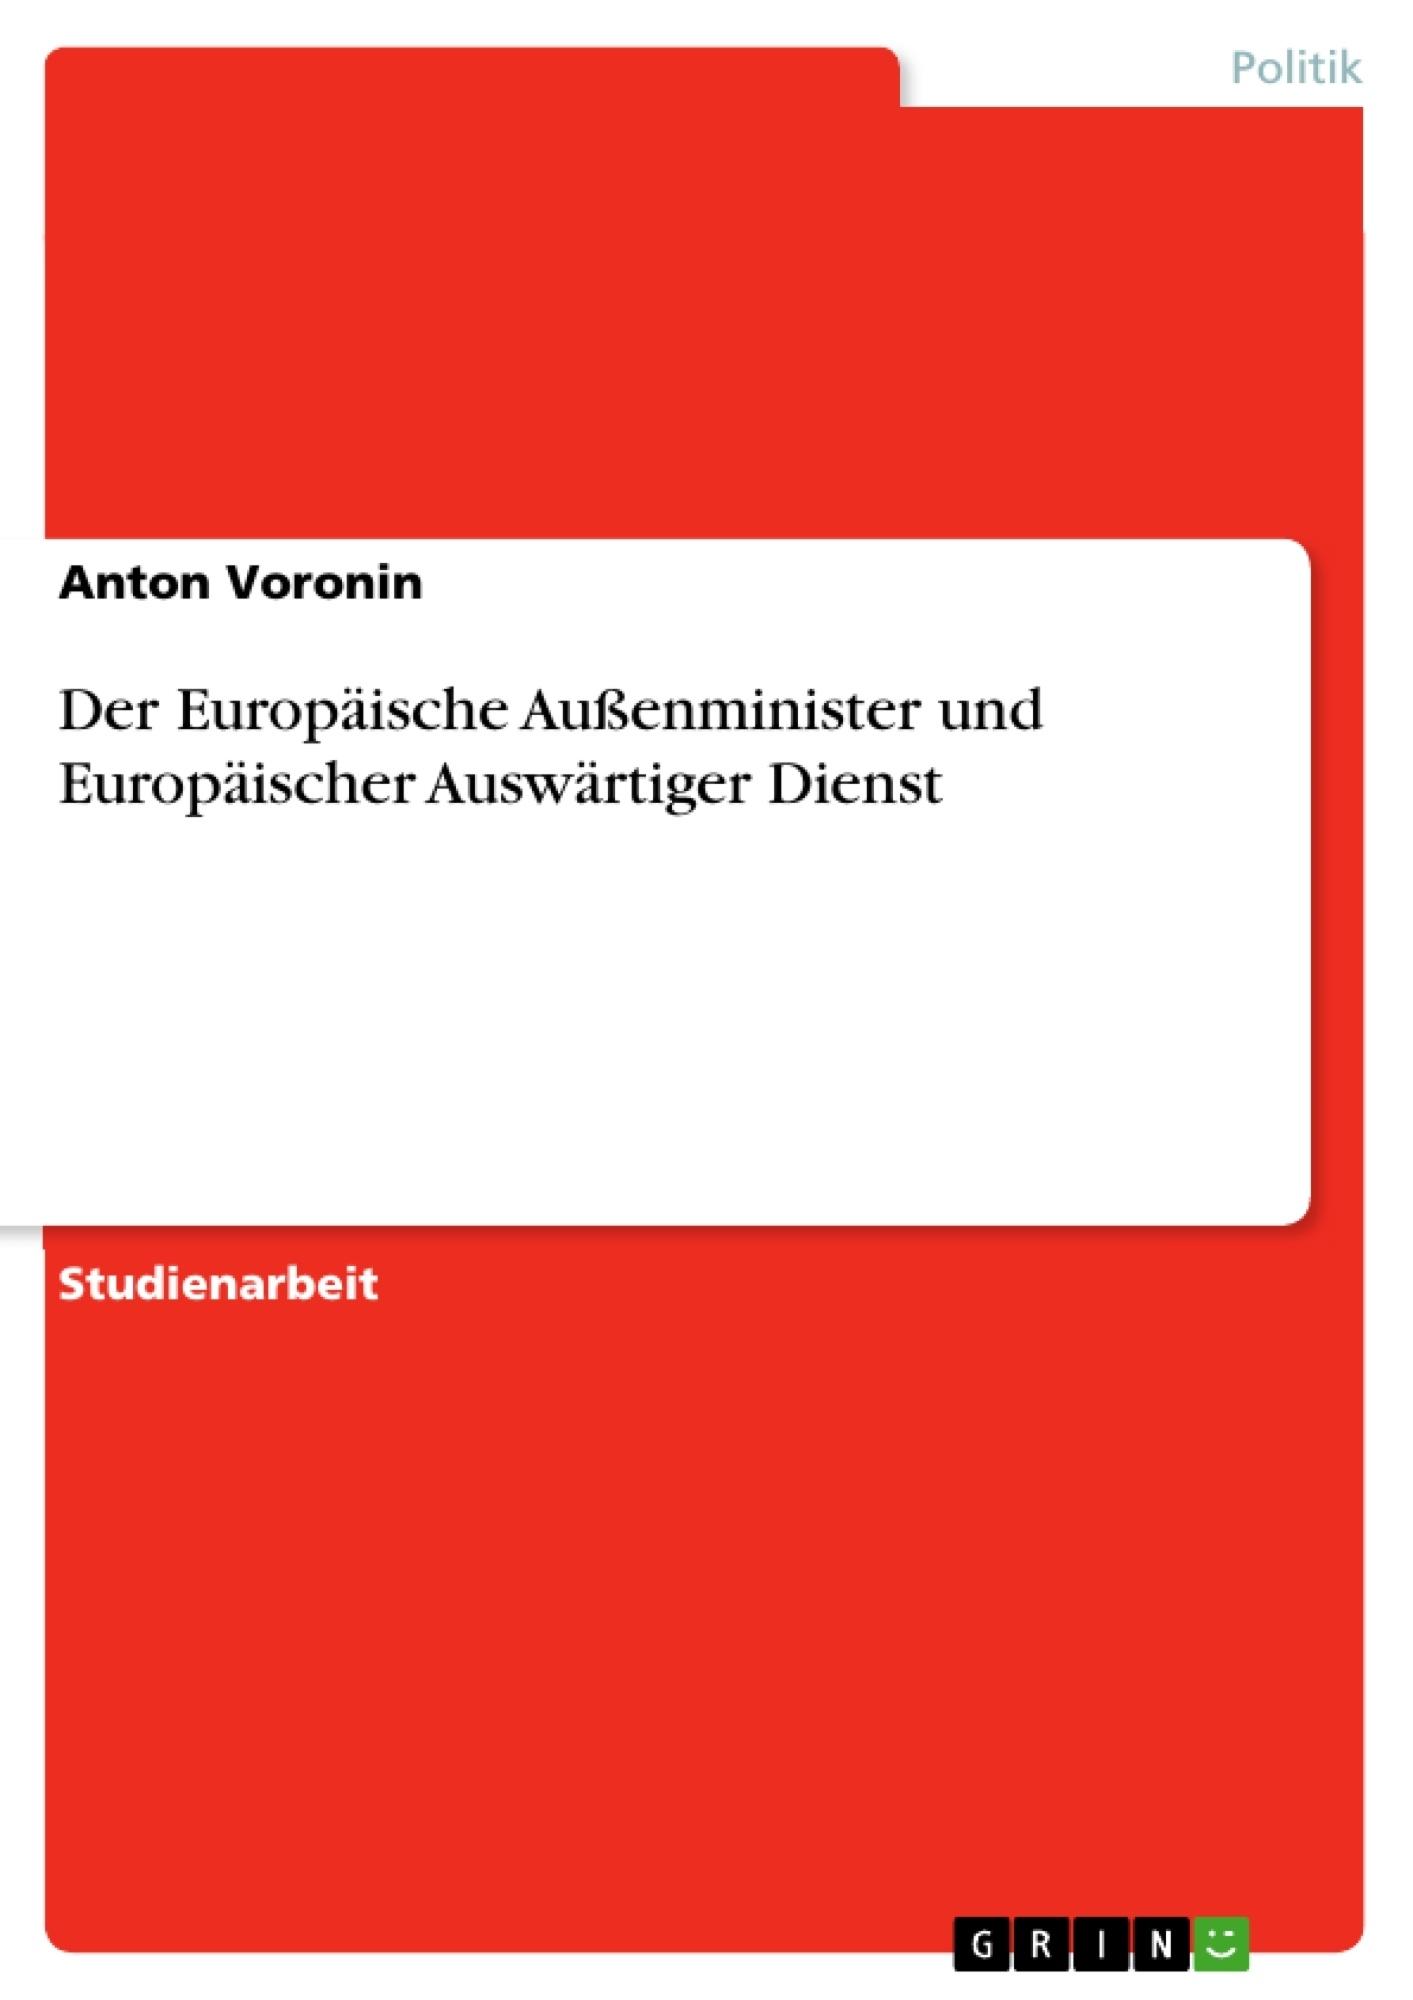 Titel: Der Europäische Außenminister und Europäischer Auswärtiger Dienst